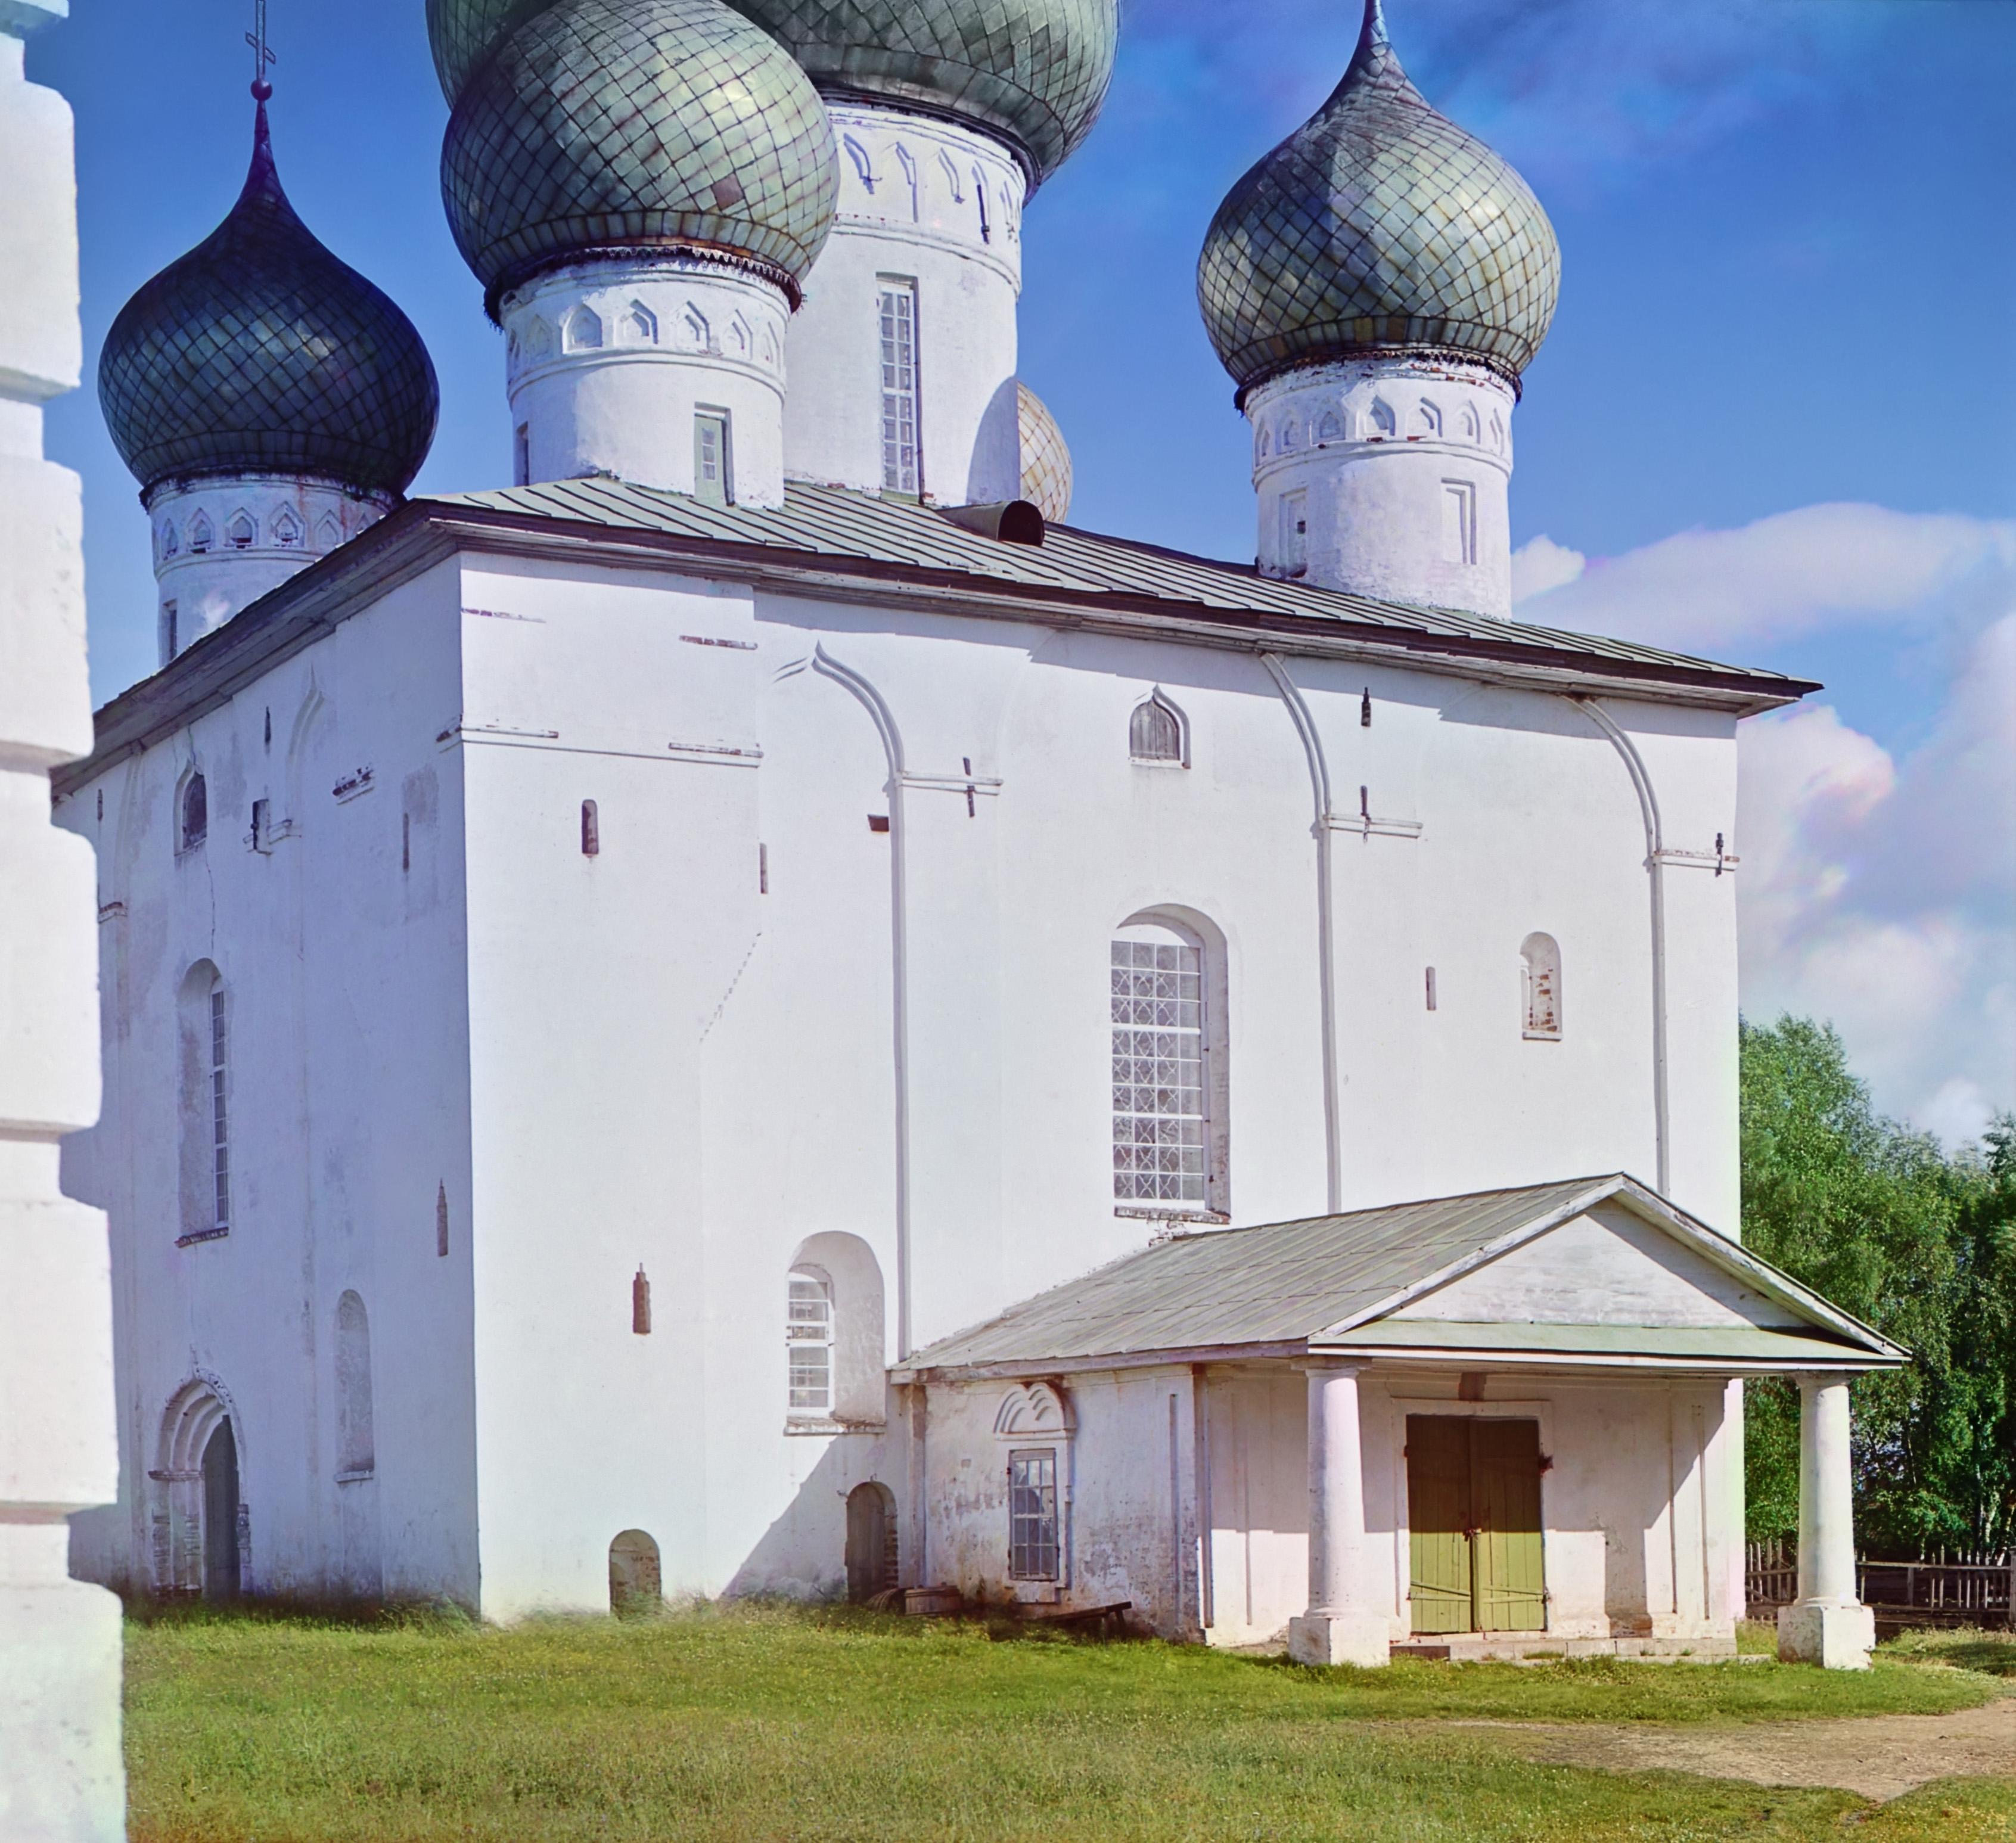 Белозерск. Деталь Церкви Успения Божьей Матери